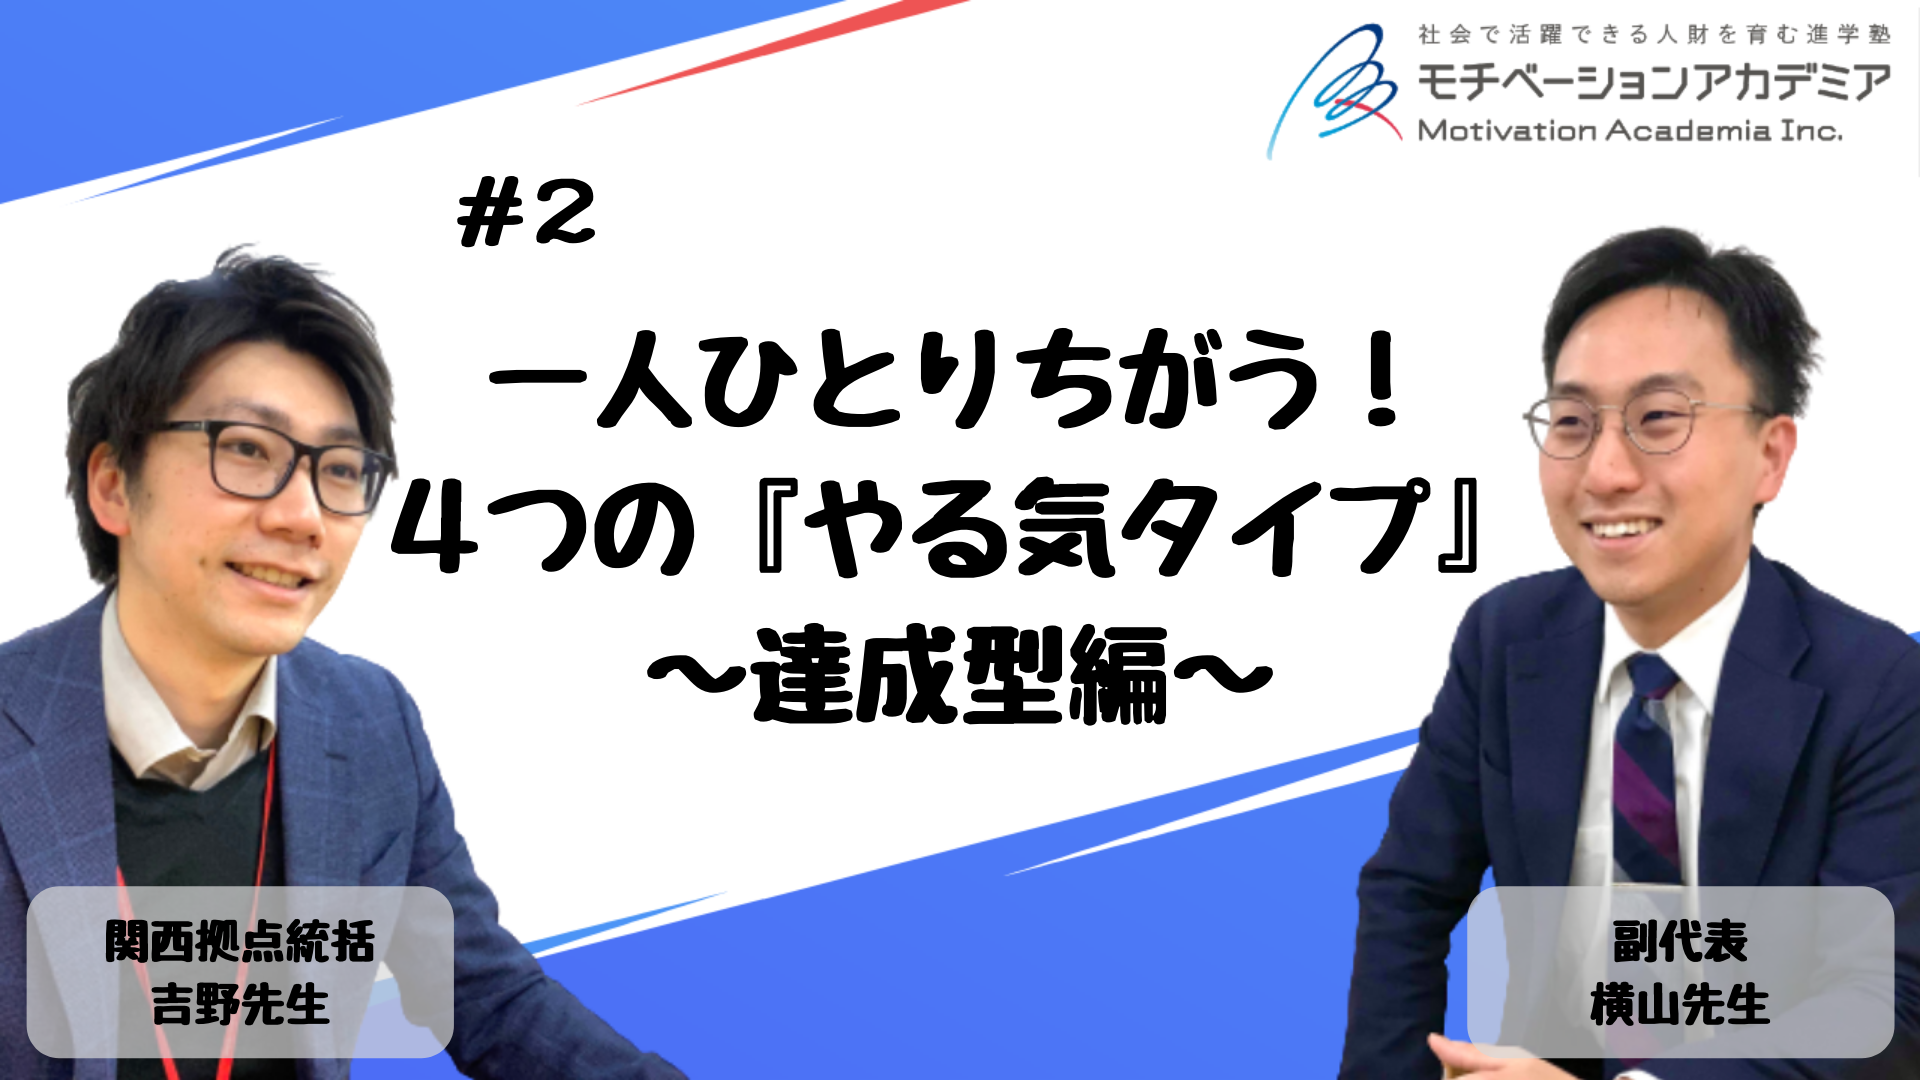 【動画】#2 一人ひとりちがう!4つの『やる気タイプ』~達成型編~